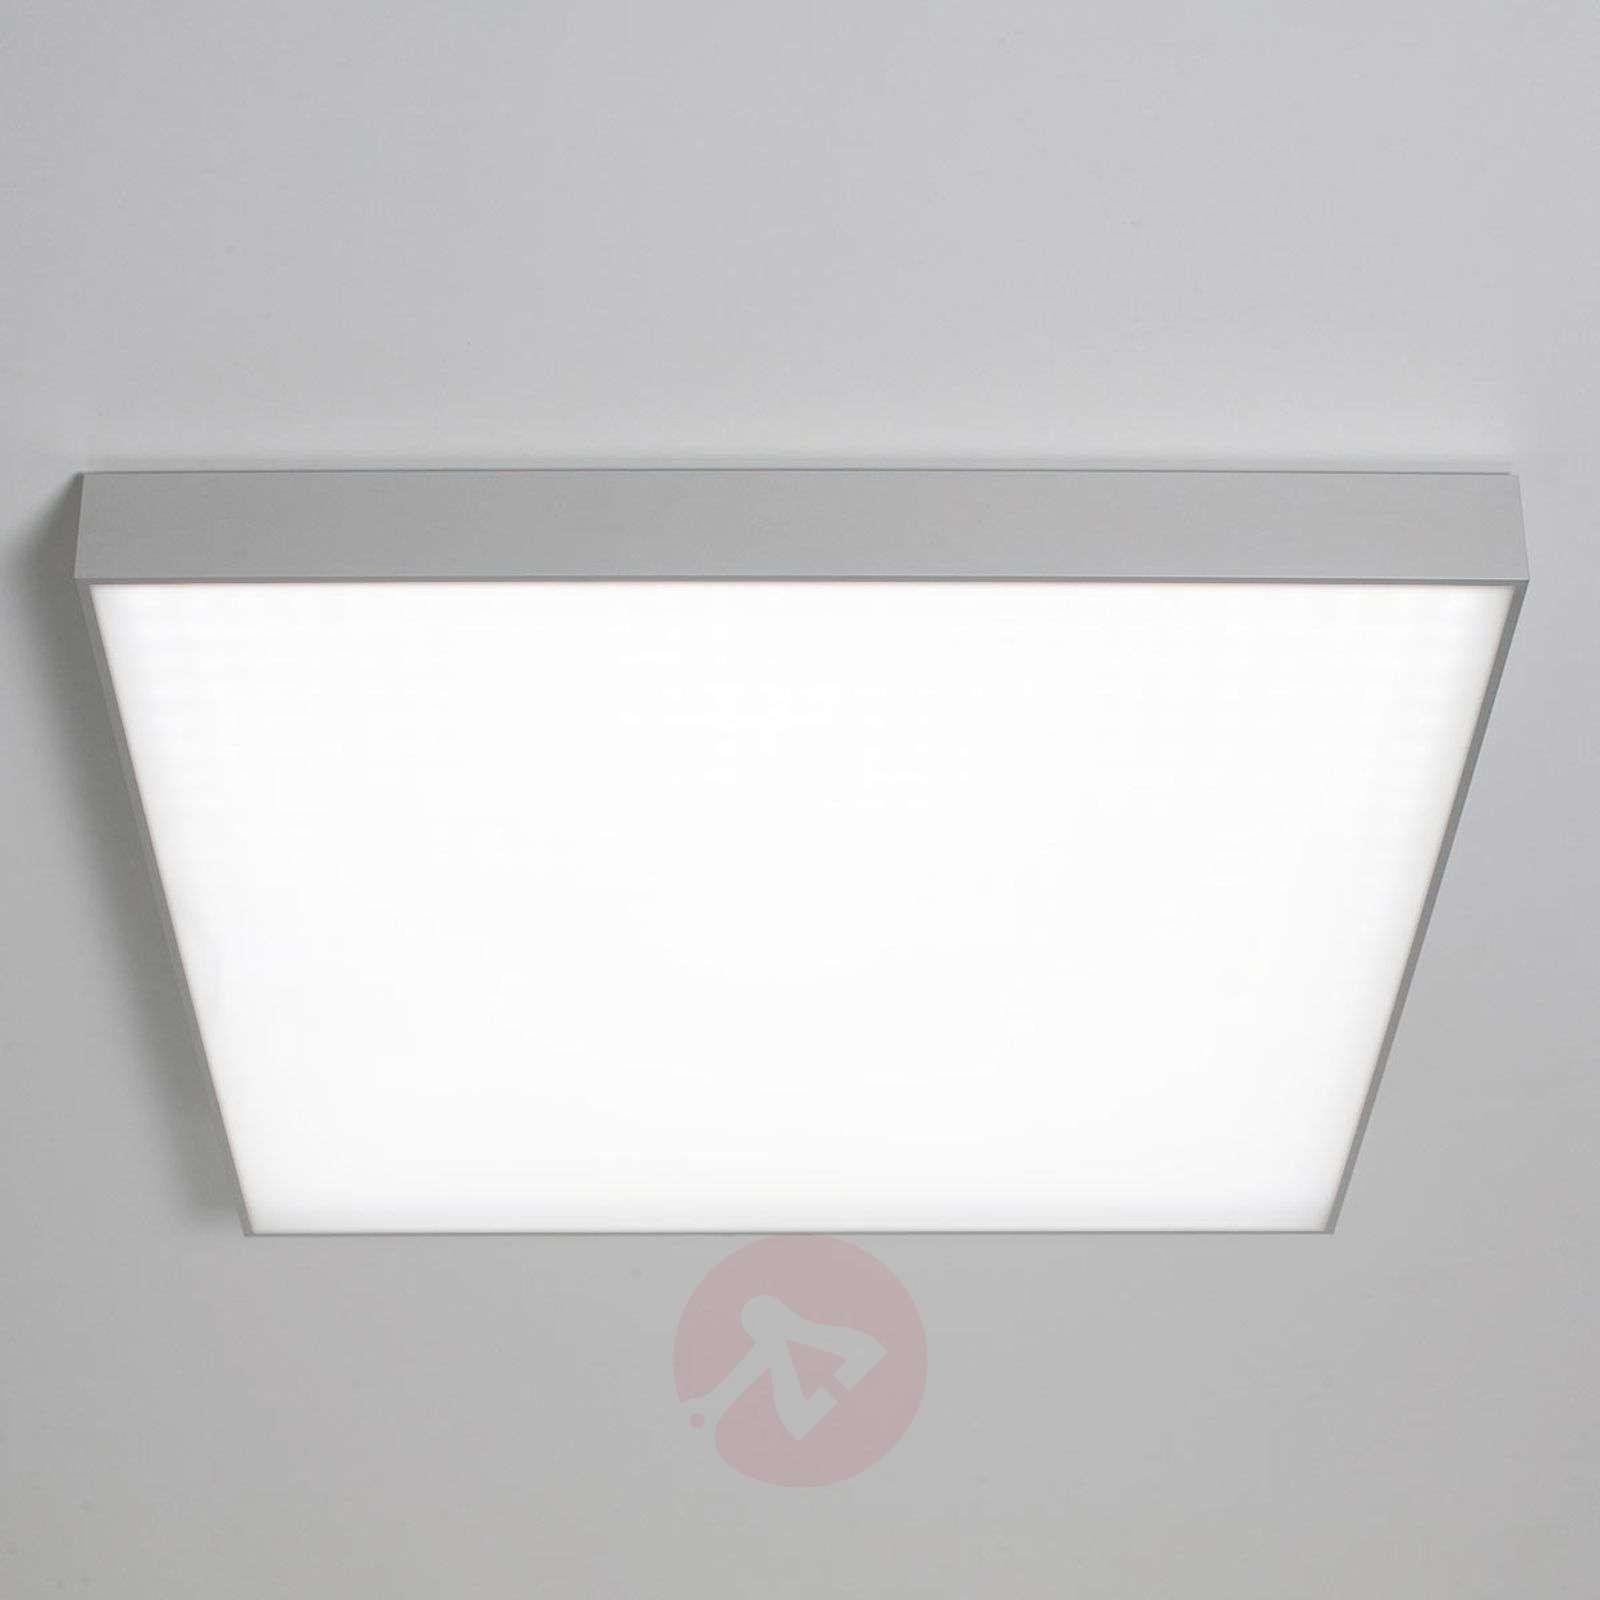 LED-kattolamppu Cadan SD, 63 cm, hopea-6523806X-01